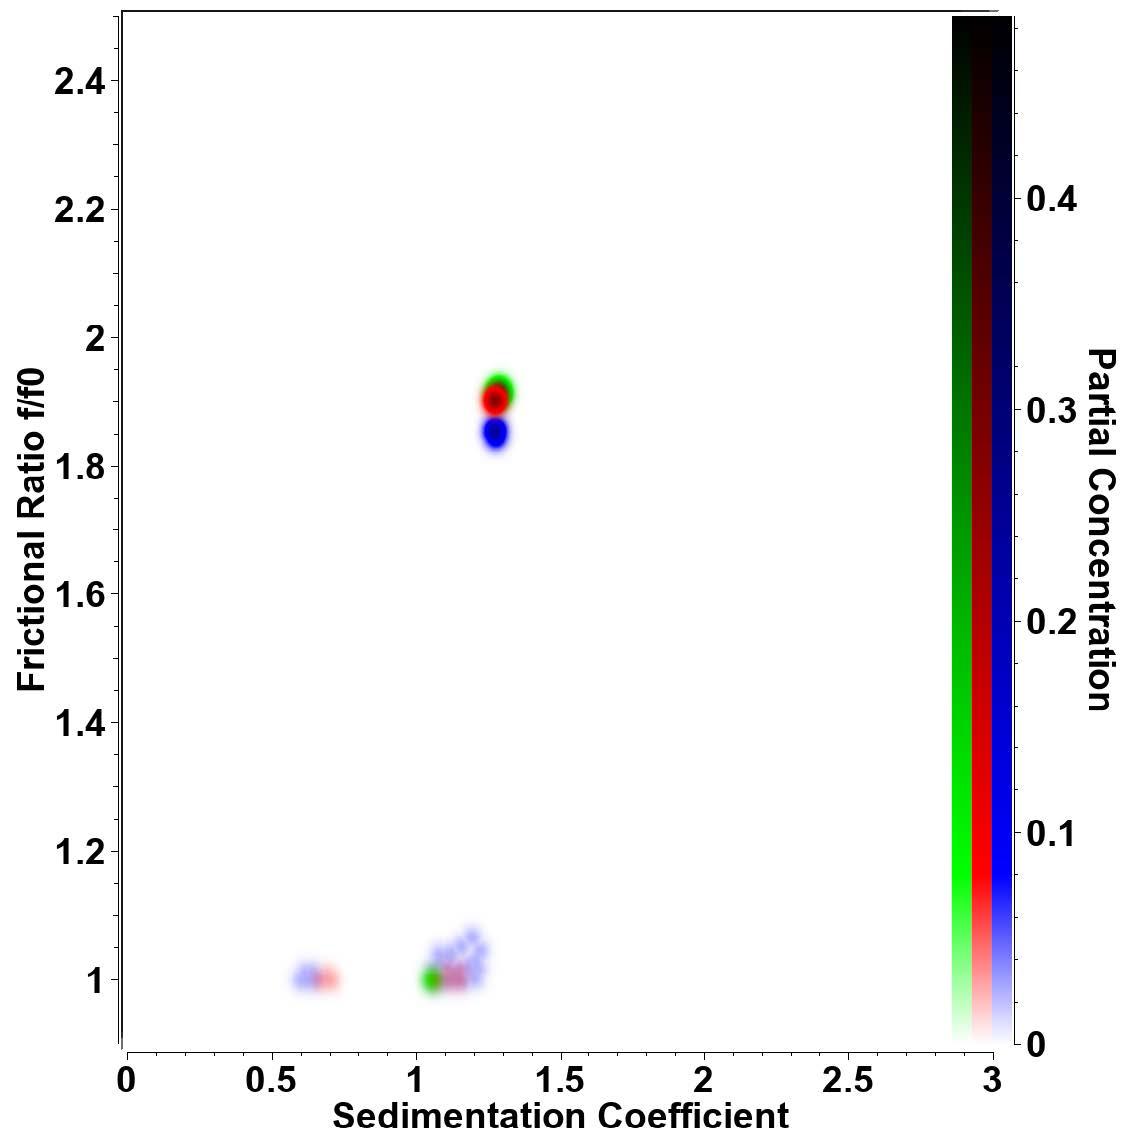 Figura1. Superposición de un gráfico pseudo-3D de muestras de retro-nucleasa por triplicado medidas a 20°C.